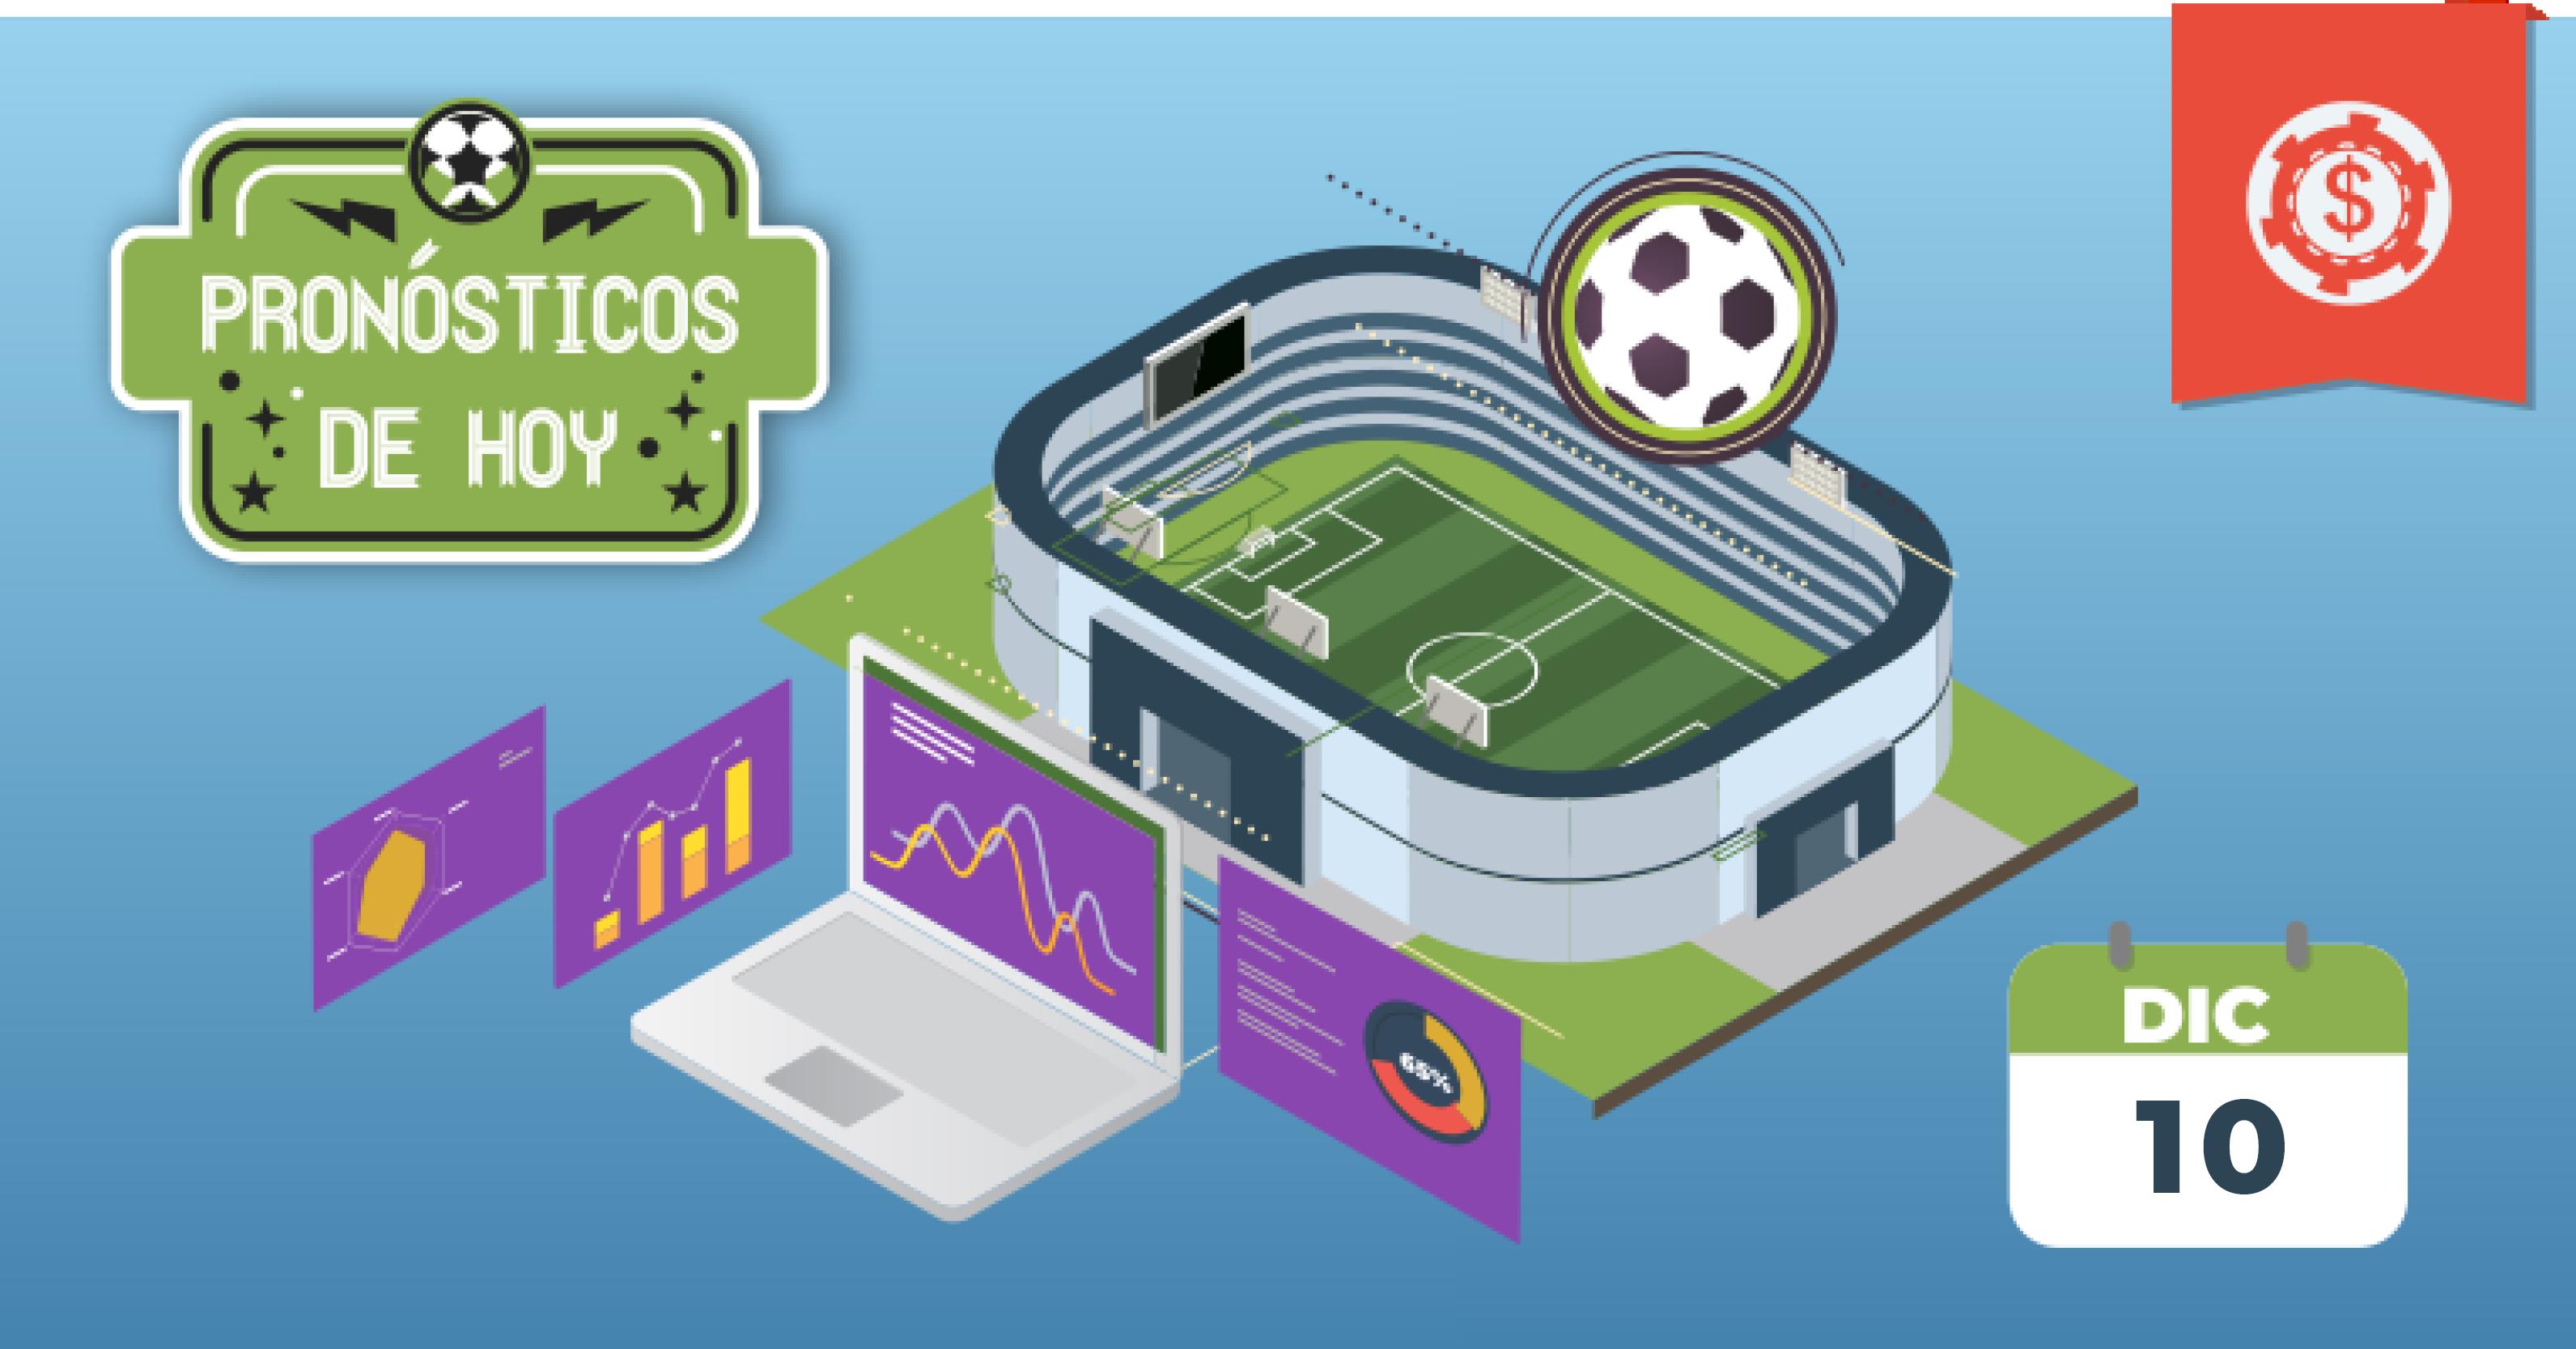 pronosticos-futbol-hoy-predicciones-10-diciembre-2019